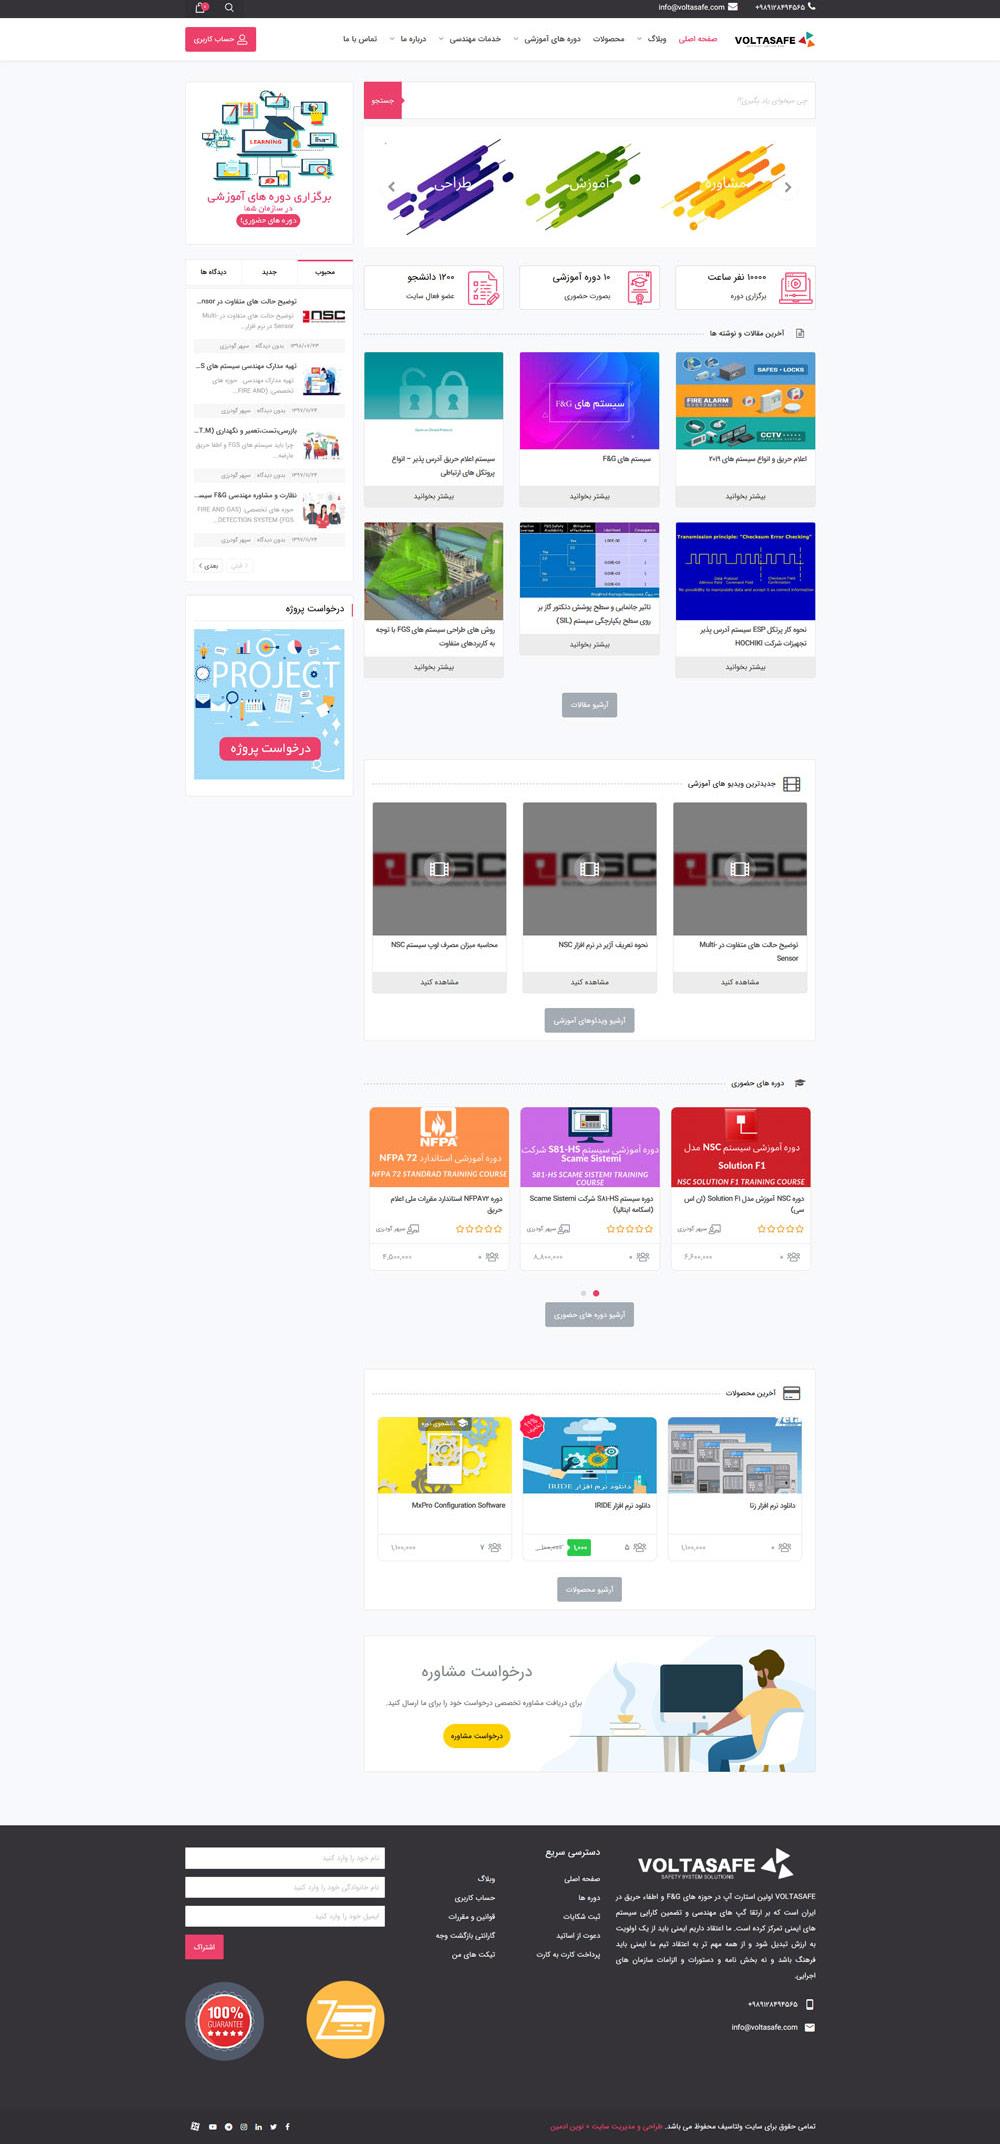 صفحه اصلی وب سایت آموزشی ولتاسیف